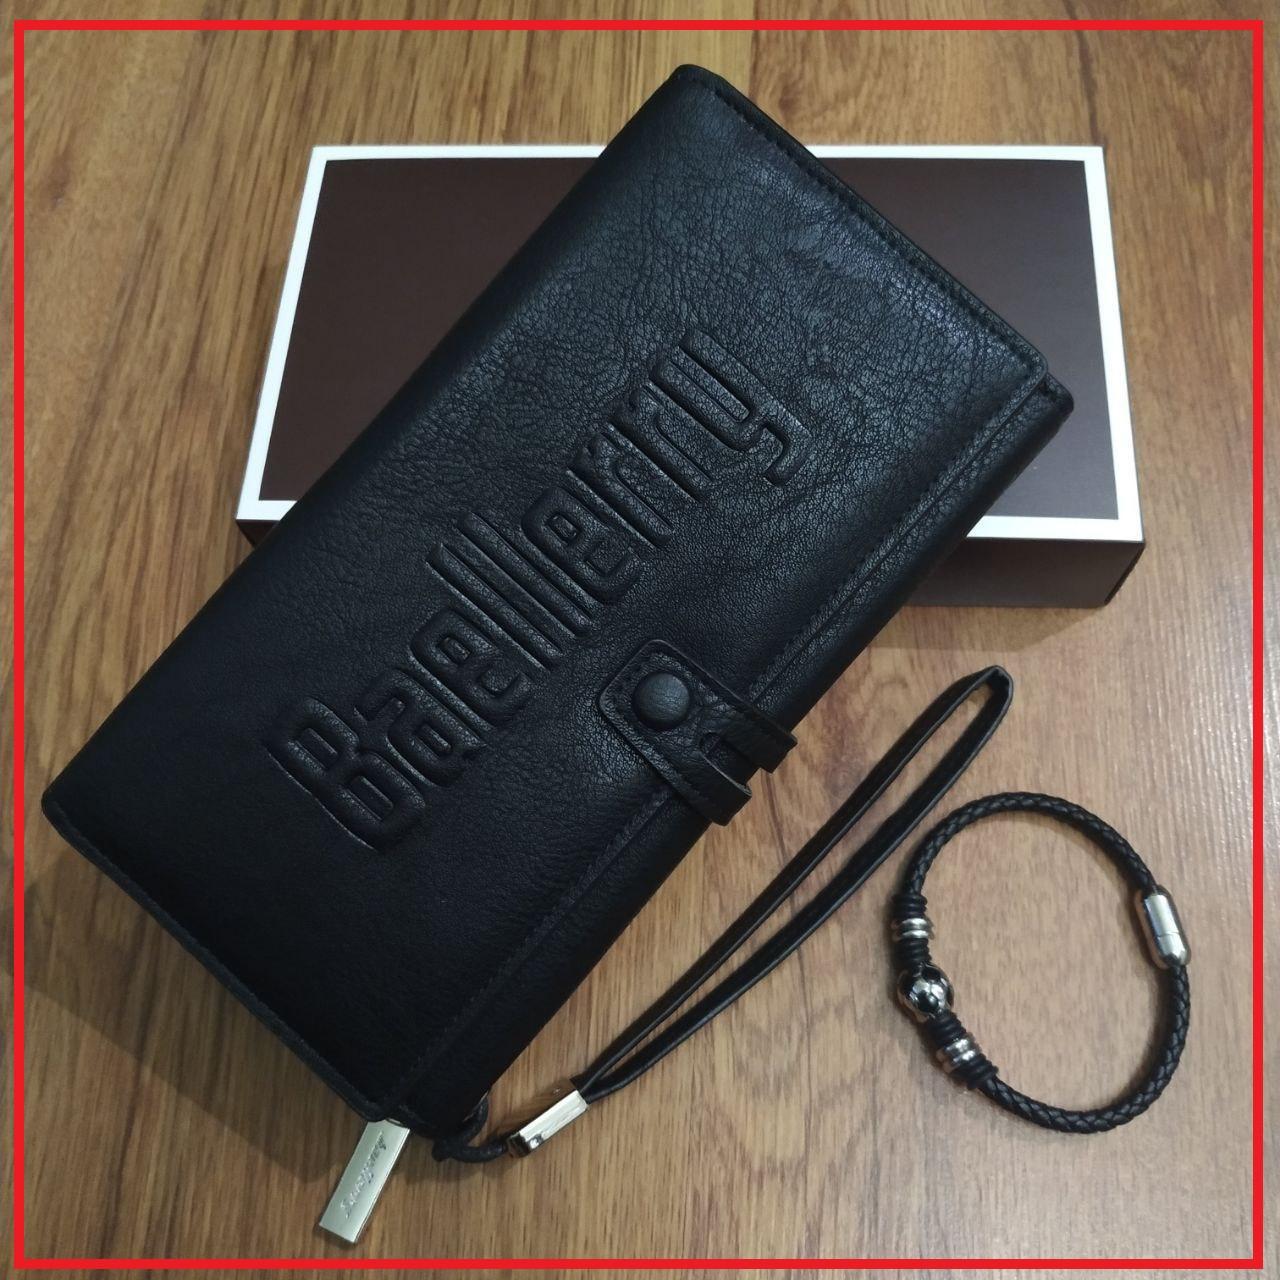 Подарочный набор №18. Мужской клатч (бумажник) Baellerry Guero + мужской браслет из кожи и стали Ball